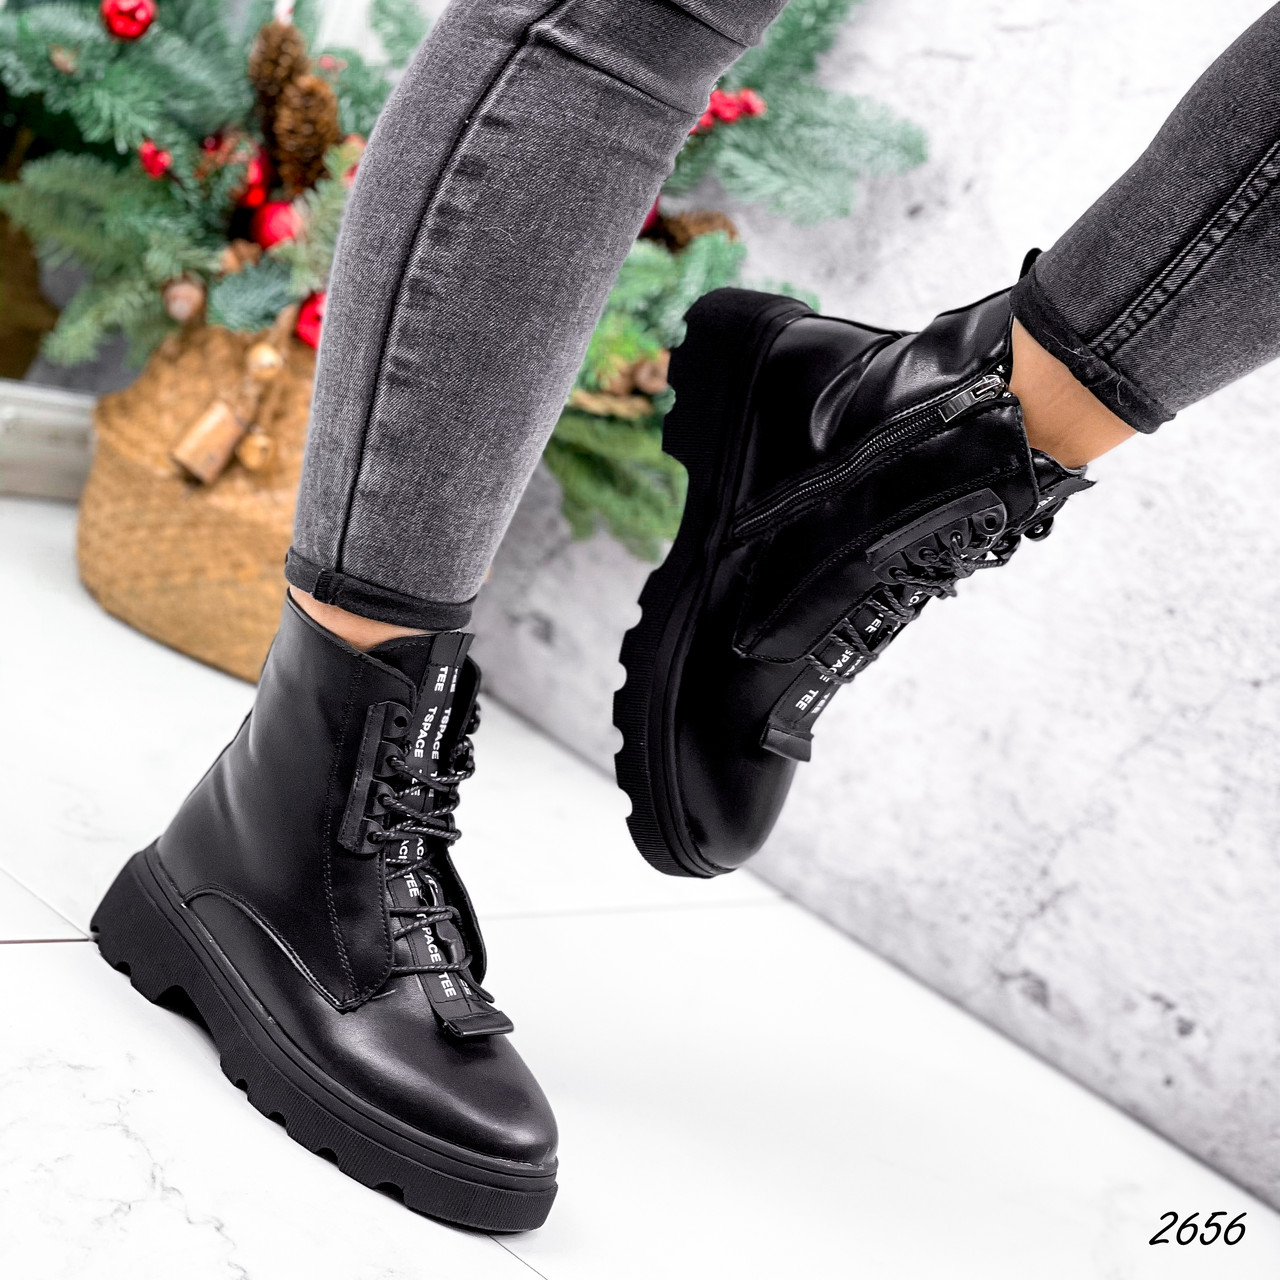 Ботинки женские Selty черные 2656 Зима